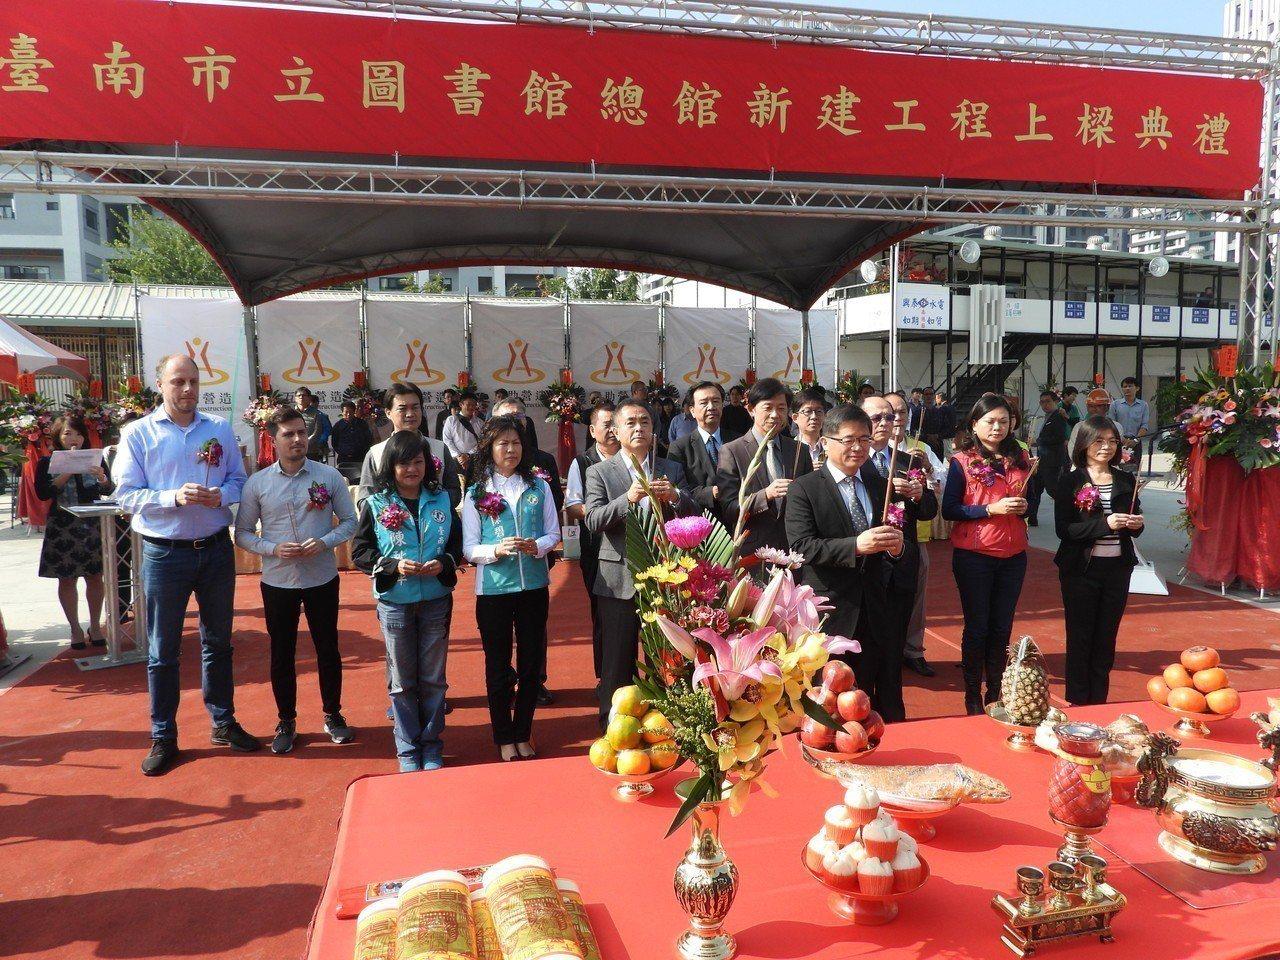 參與規劃的荷蘭業者紀錄體驗台灣的上梁儀式,主動要求持香跟著祝禱。記者周宗禎/攝影